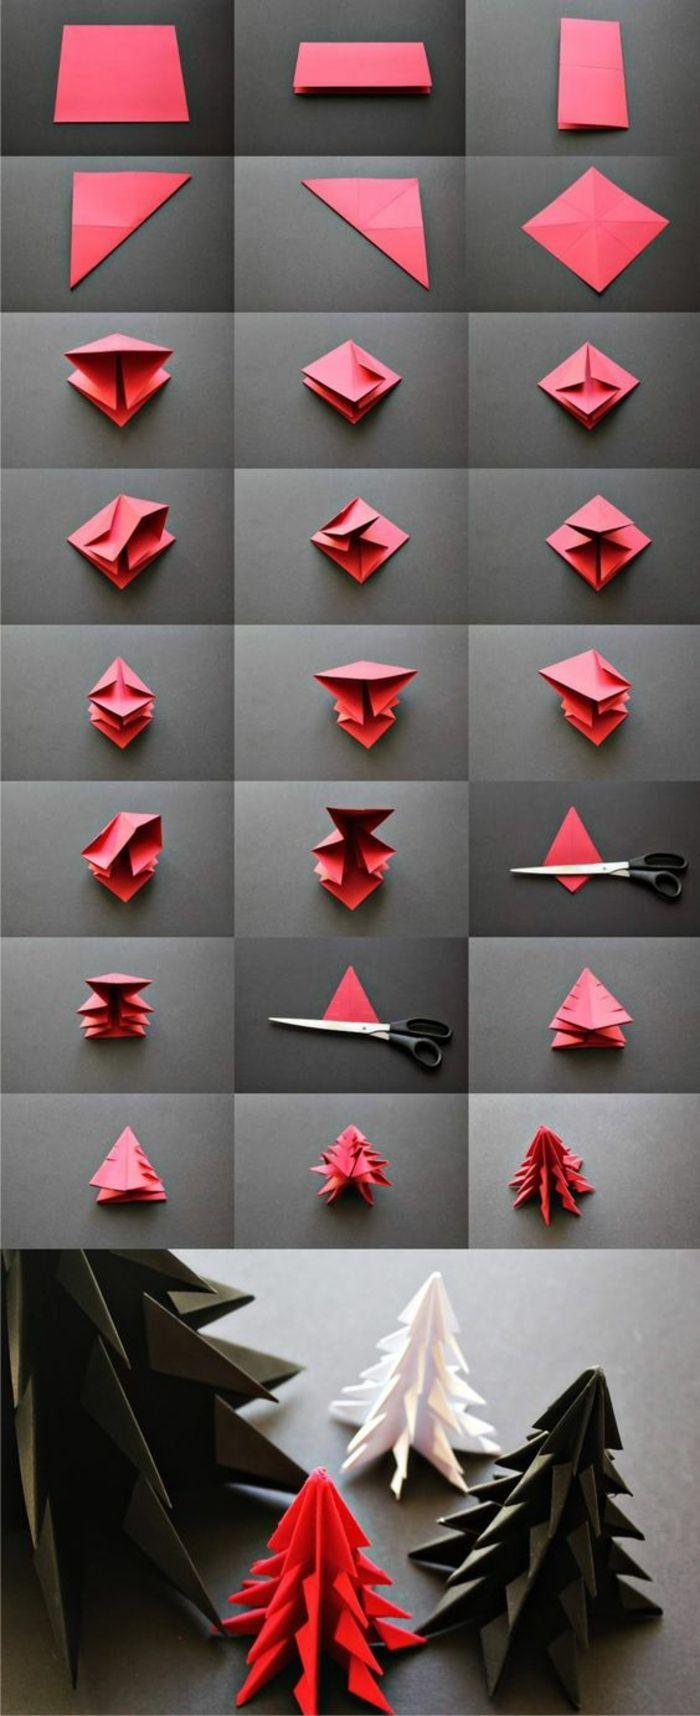 decoration de no l sapin en origami technique de pliage paper facile project pinterest. Black Bedroom Furniture Sets. Home Design Ideas